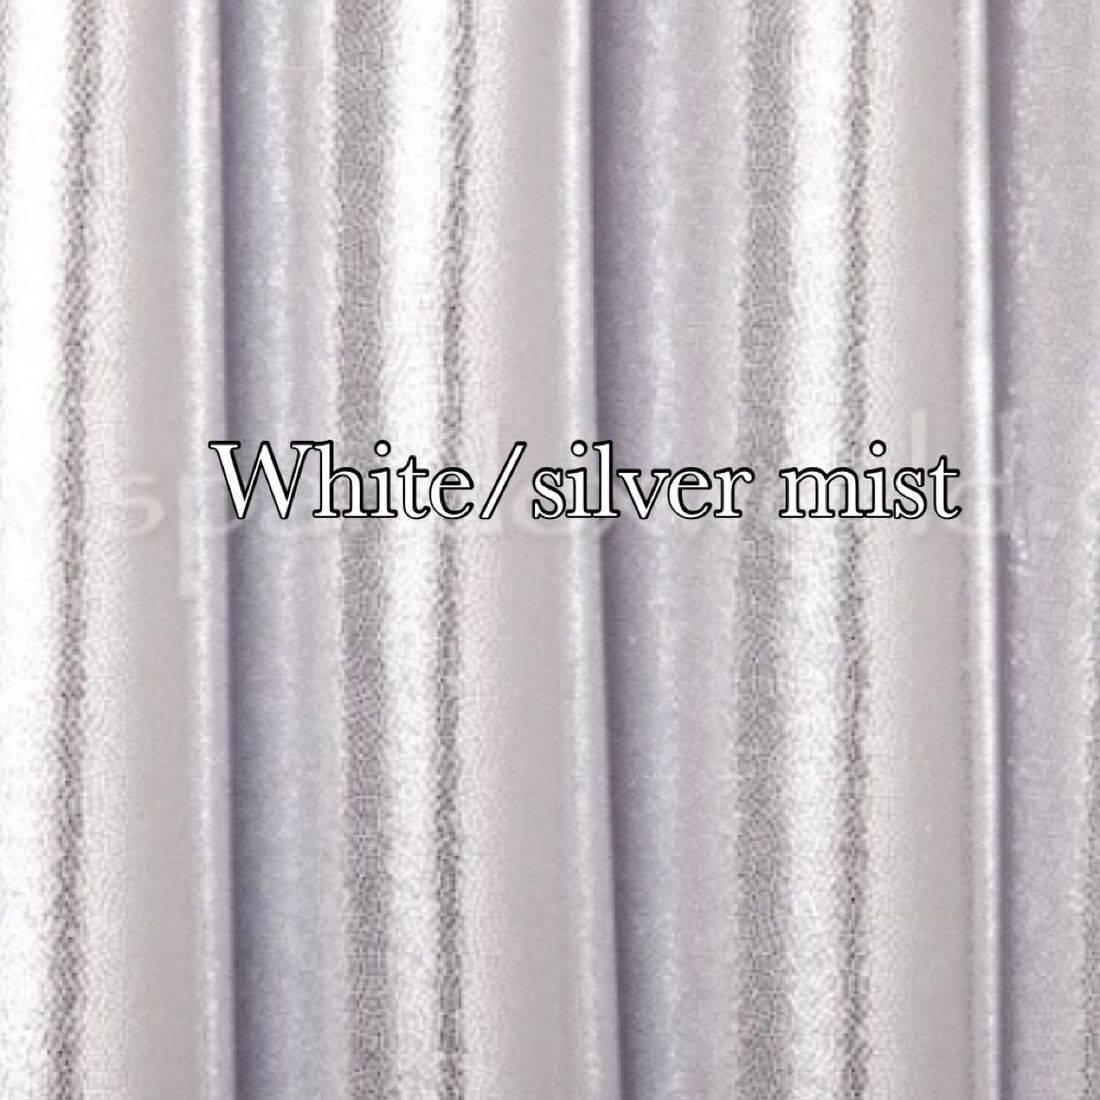 White/silver mist